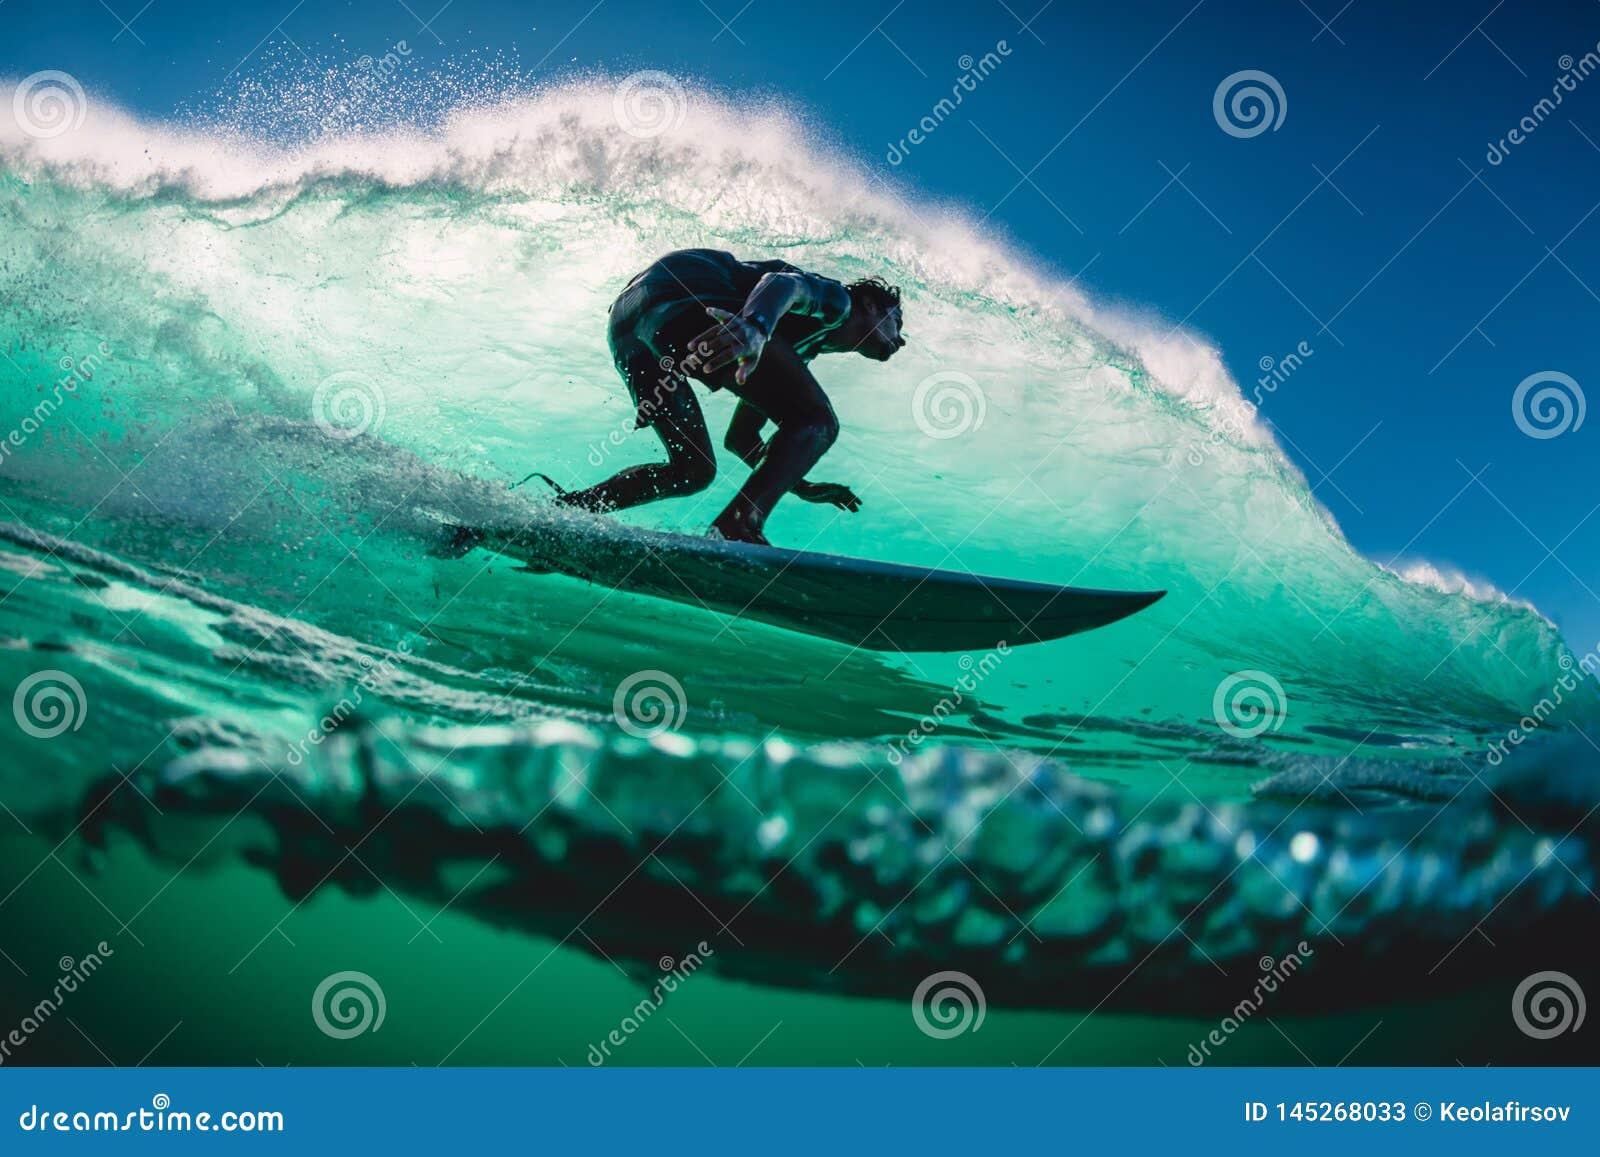 18 de abril de 2019 Bali, Indonesia Paseo de la persona que practica surf en onda del barril El practicar surf profesional en las